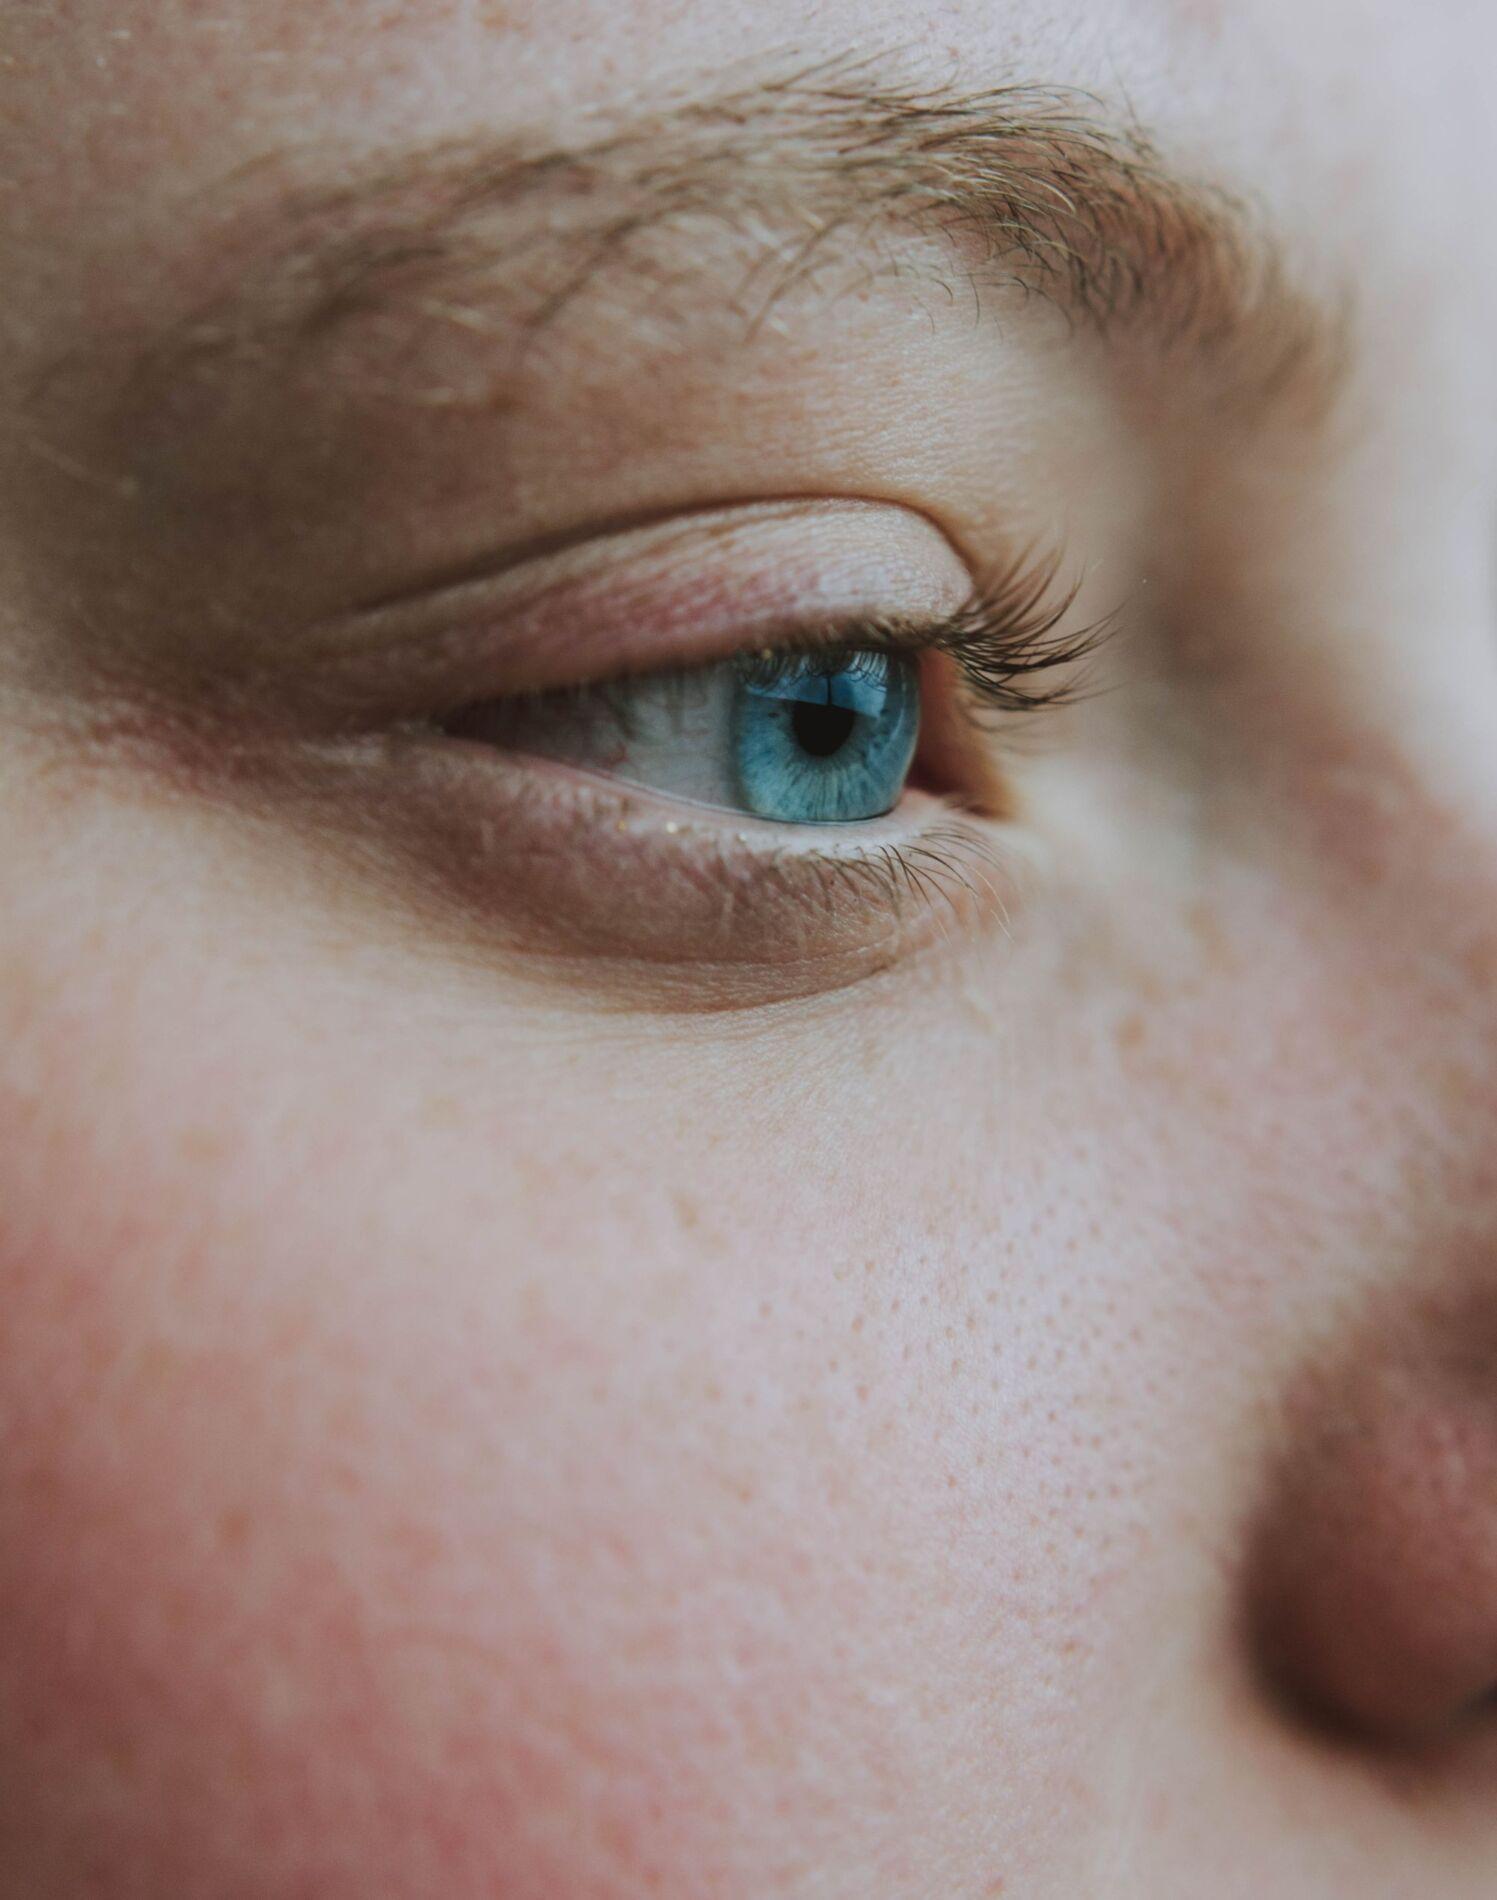 """Senzația de ochi obositi. Cauze, tratament, prevenție. Dr. Raluca Popescu: """"Este al doilea cel mai frecvent simptom întâlnit în cabinetele oftalmologice"""""""